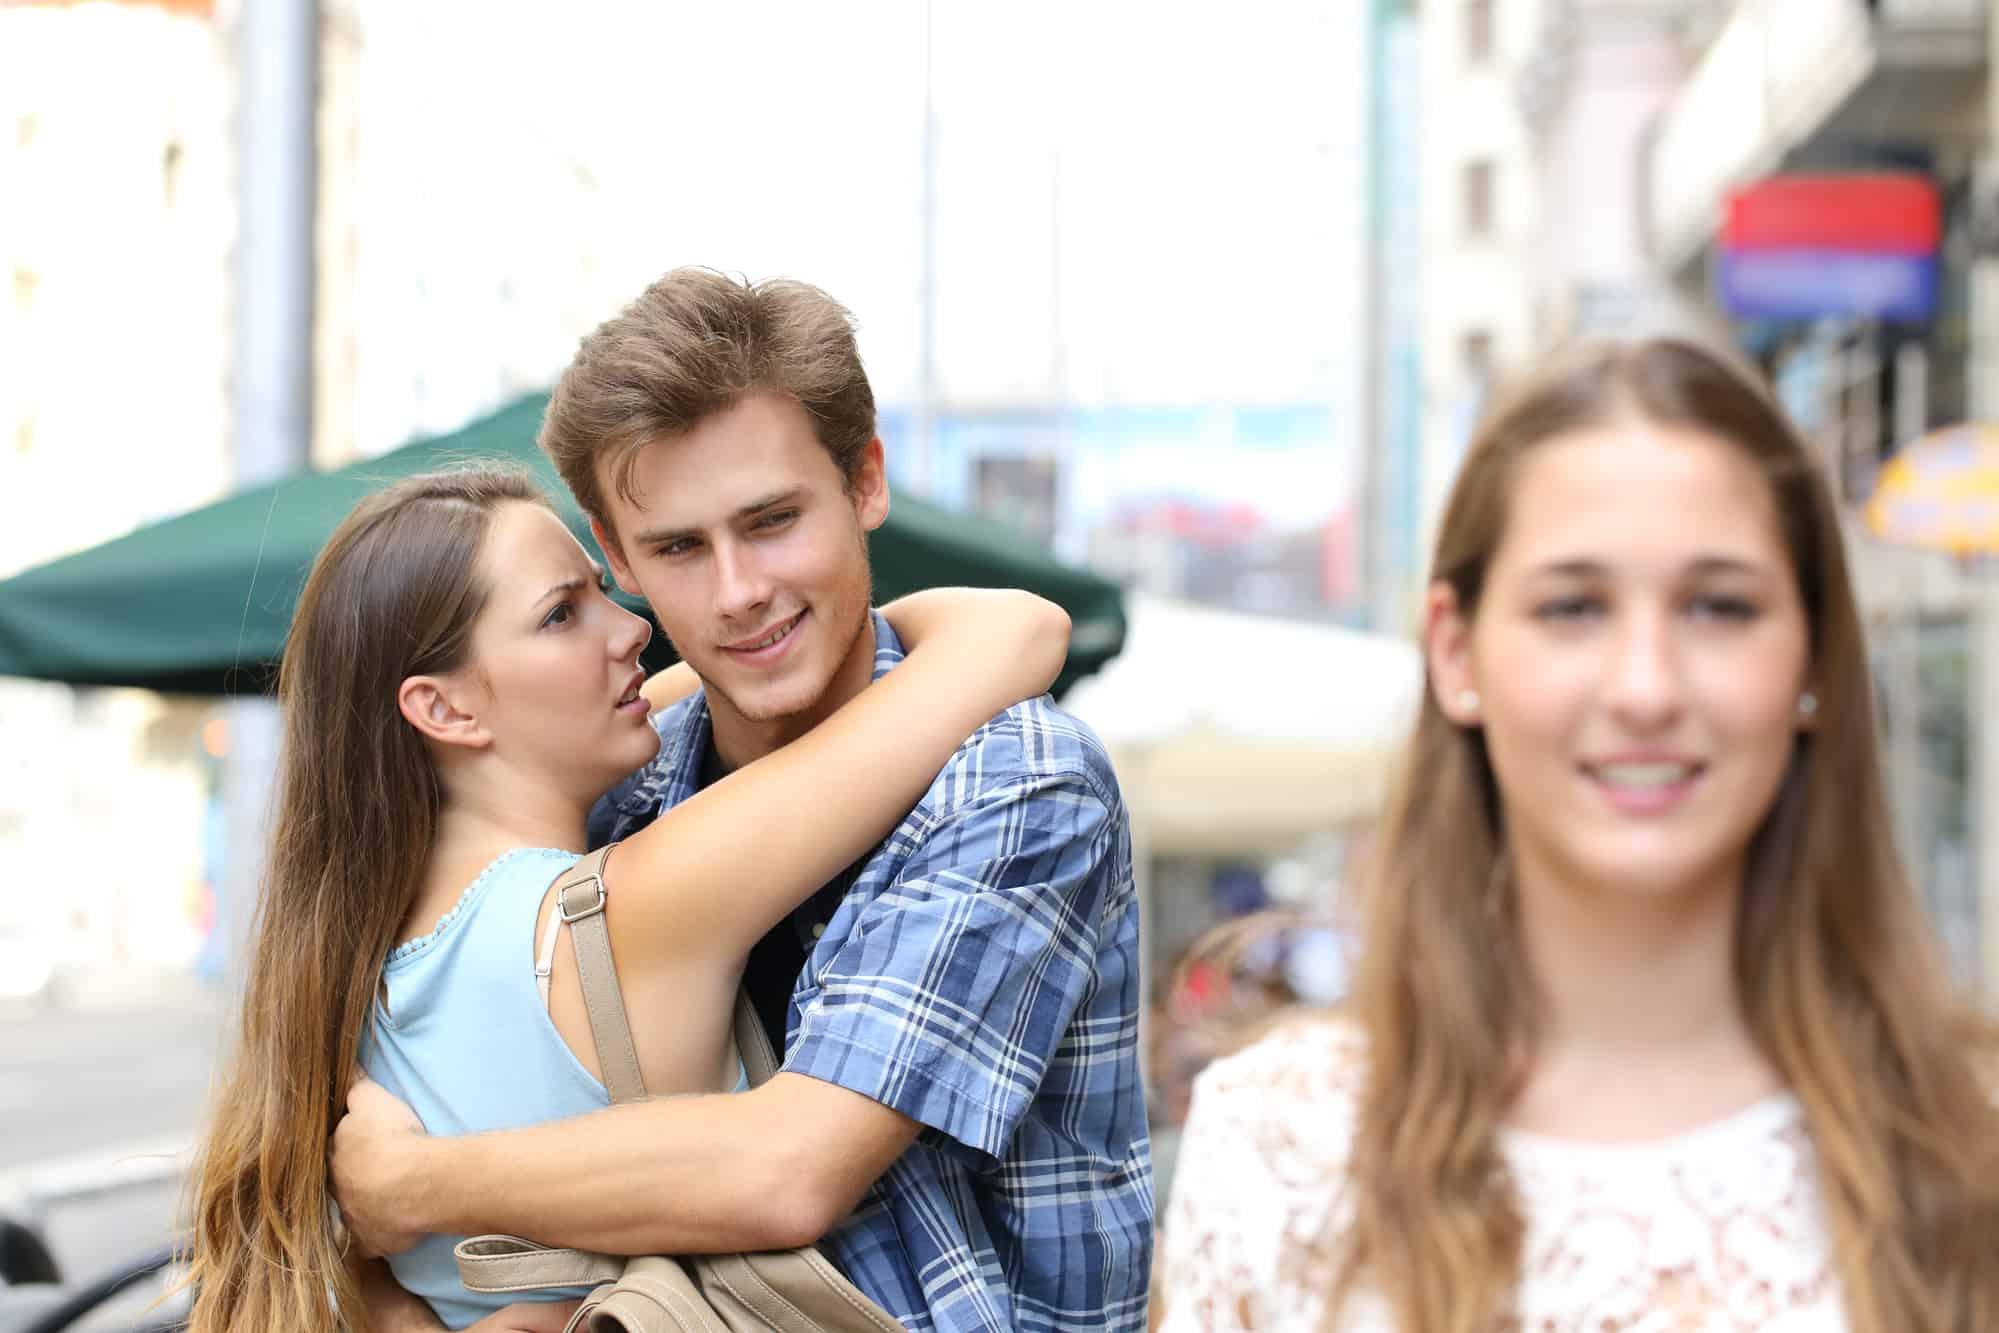 Guys make girls why jealous do 8 WAYS